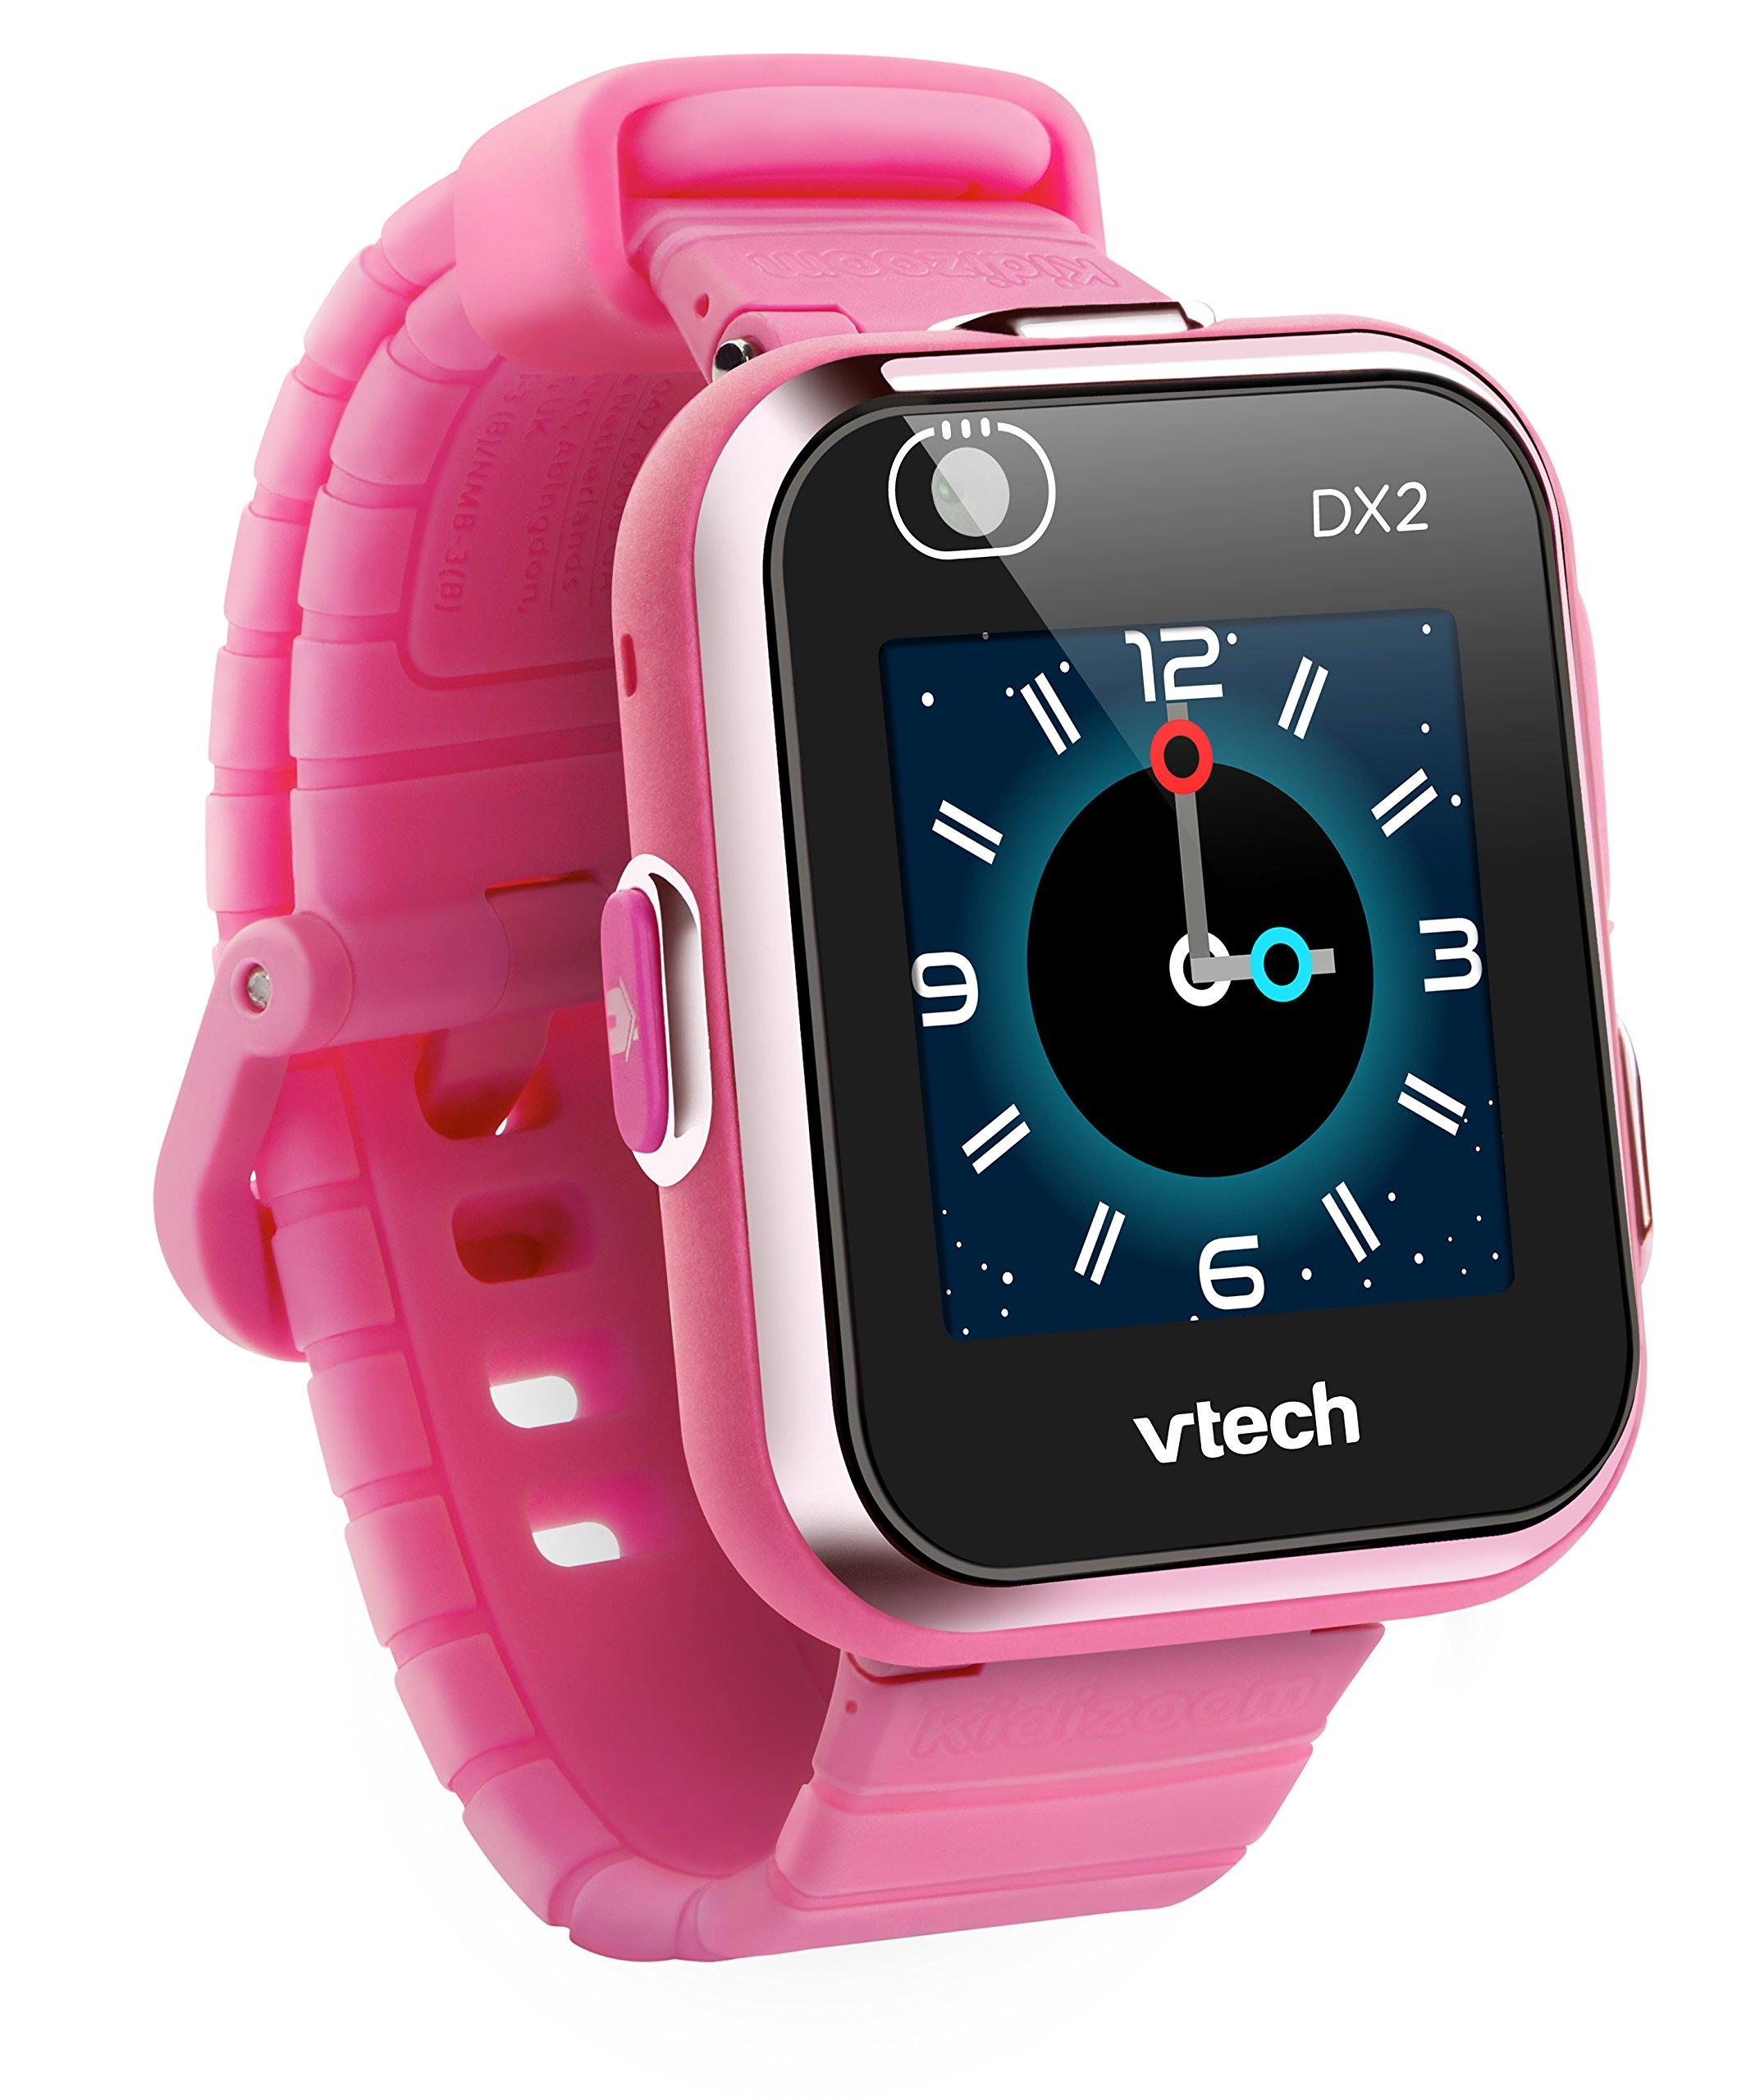 VTech Kidizoom Smart Watch DX2 1